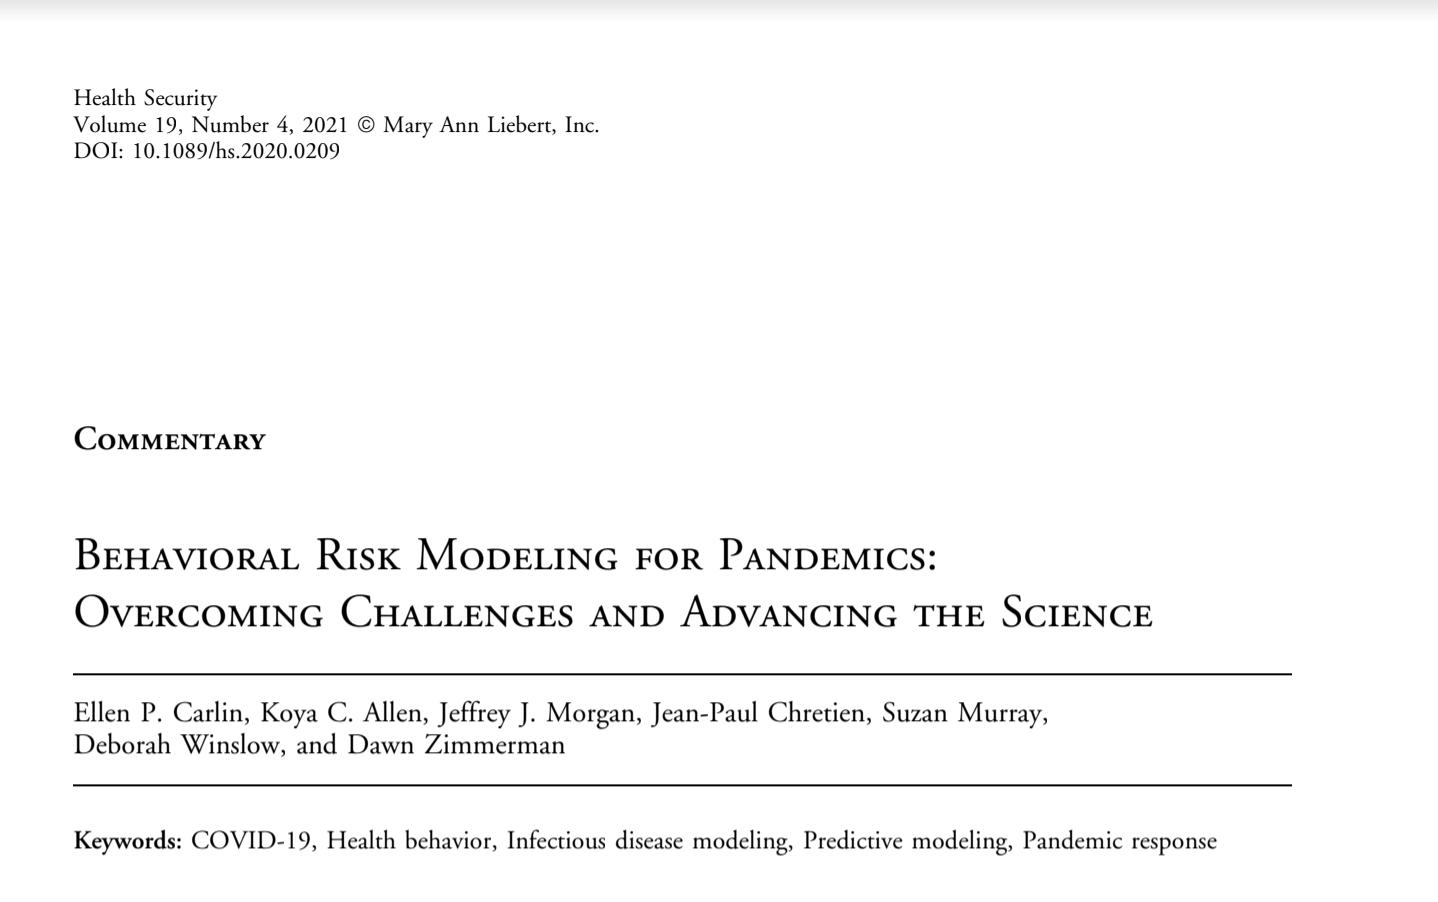 Behavioral Risk Modeling for Pandemics